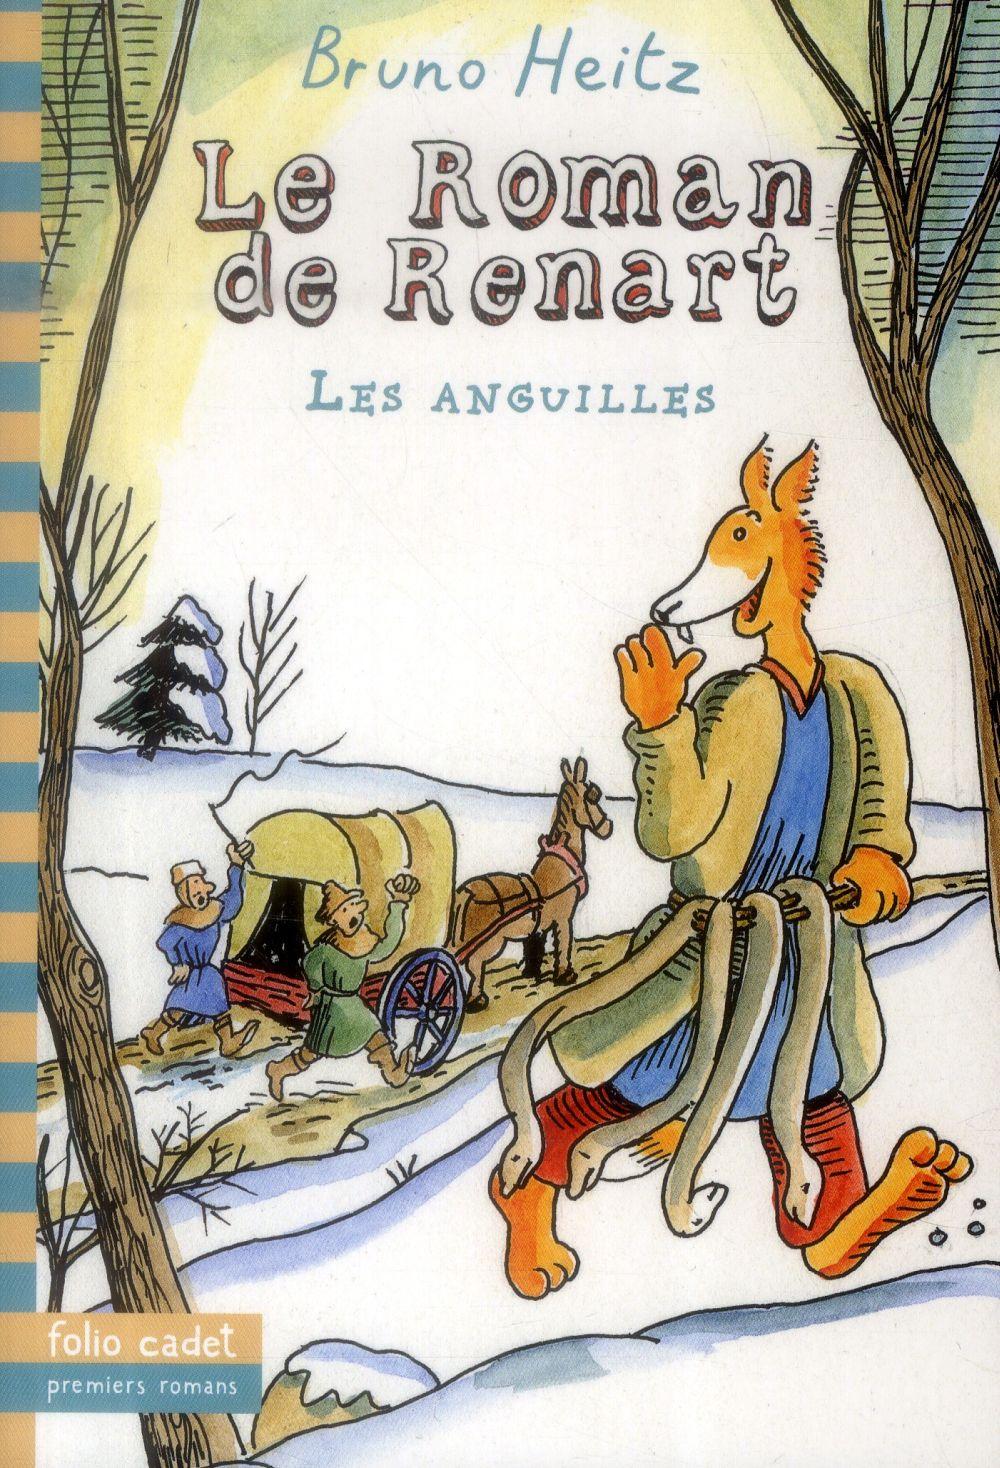 LE ROMAN DE RENART : LES ANGUILLES Heitz Bruno Gallimard-Jeunesse